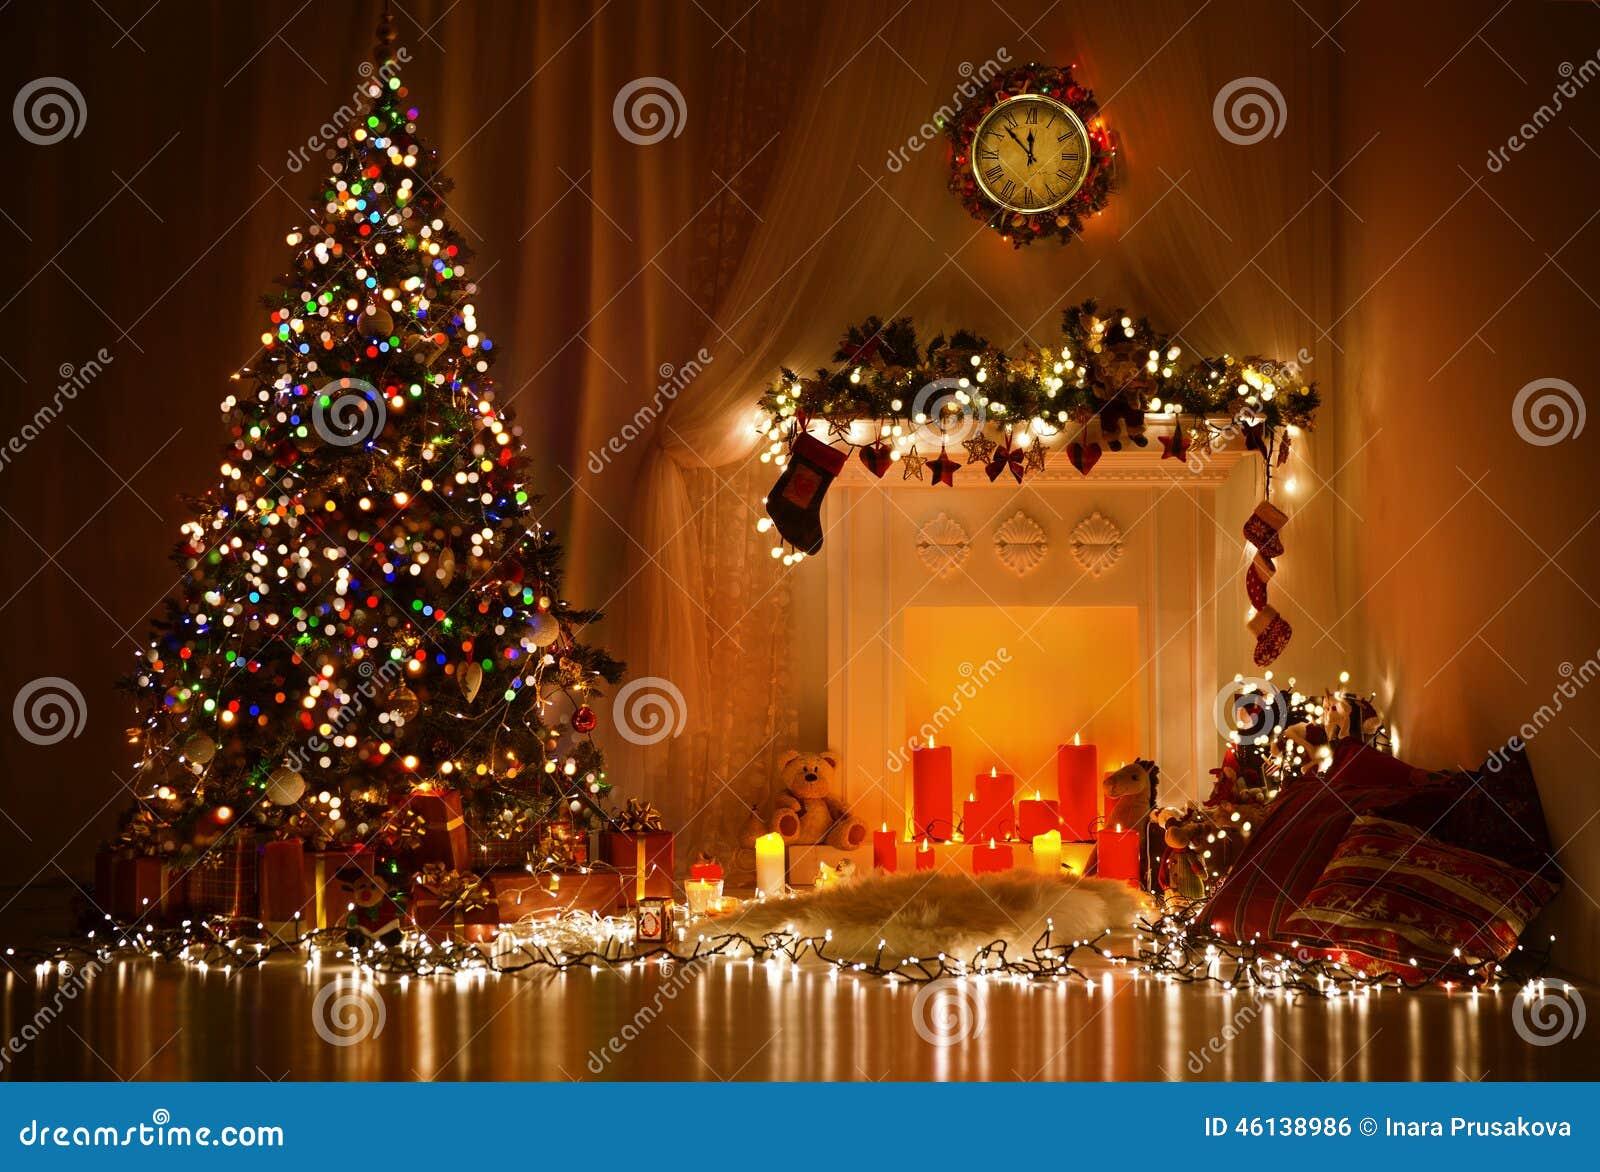 Interior design della stanza di Natale, albero di natale decorato dalle luci